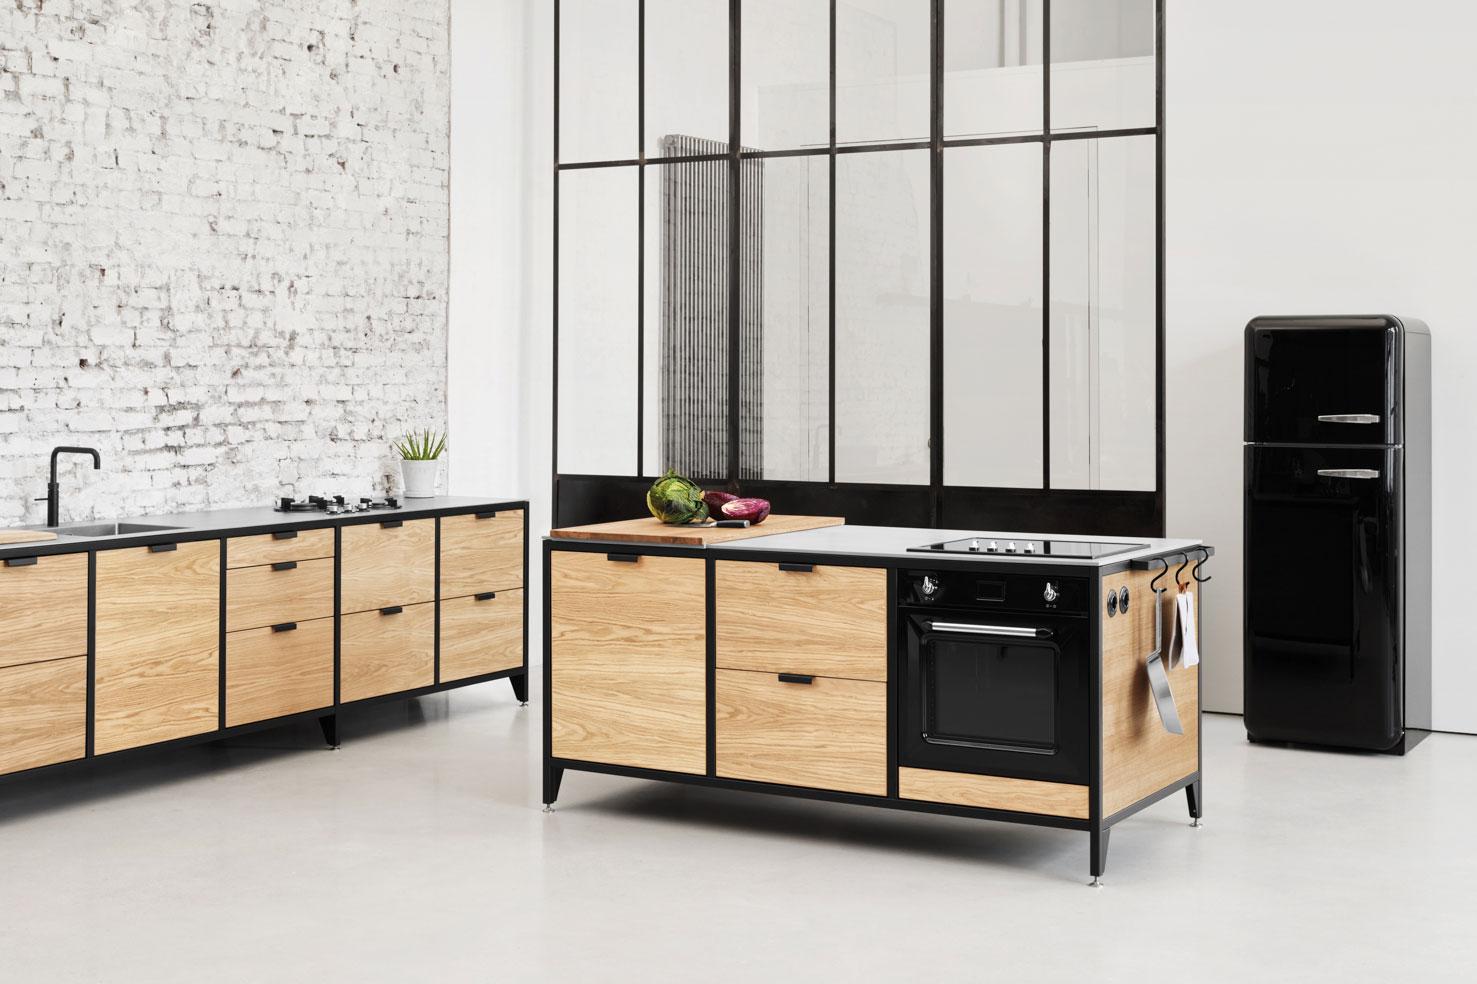 Full Size of Werk Modulkche Im Industrial Style Jan Cray Mbel Und Kchen Küchen Regal Freistehende Küche Wohnzimmer Freistehende Küchen